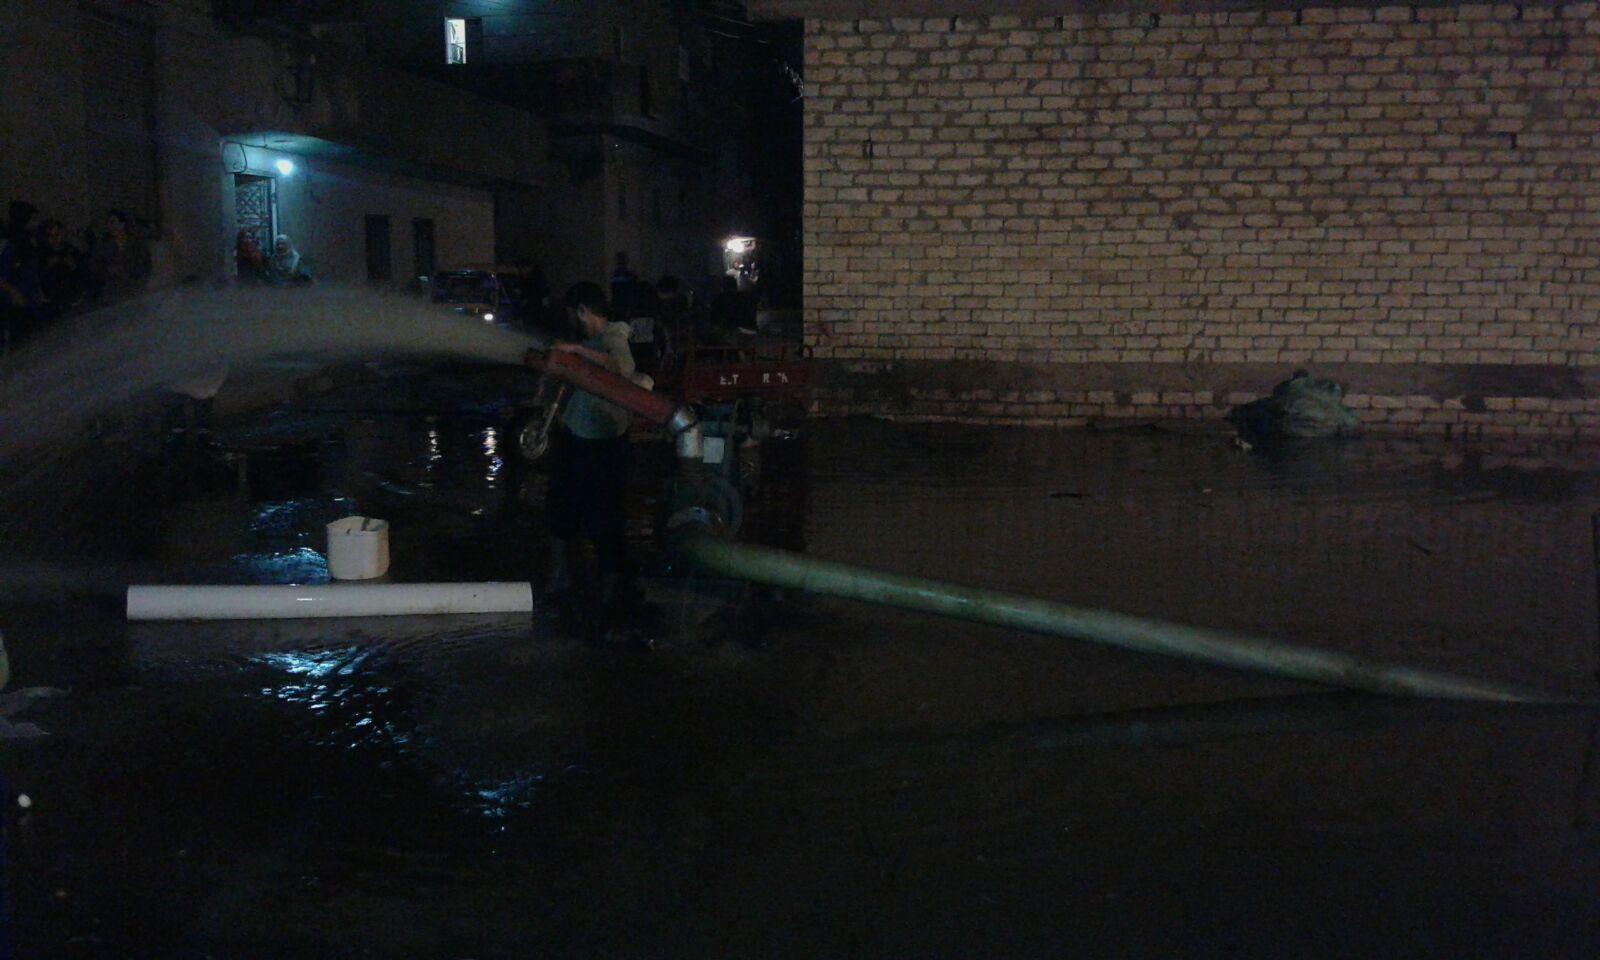 ليل البحيرة يؤنسه صوت ماكينات الري خلال شفط مياه الأمطار من شوارعها (صور)